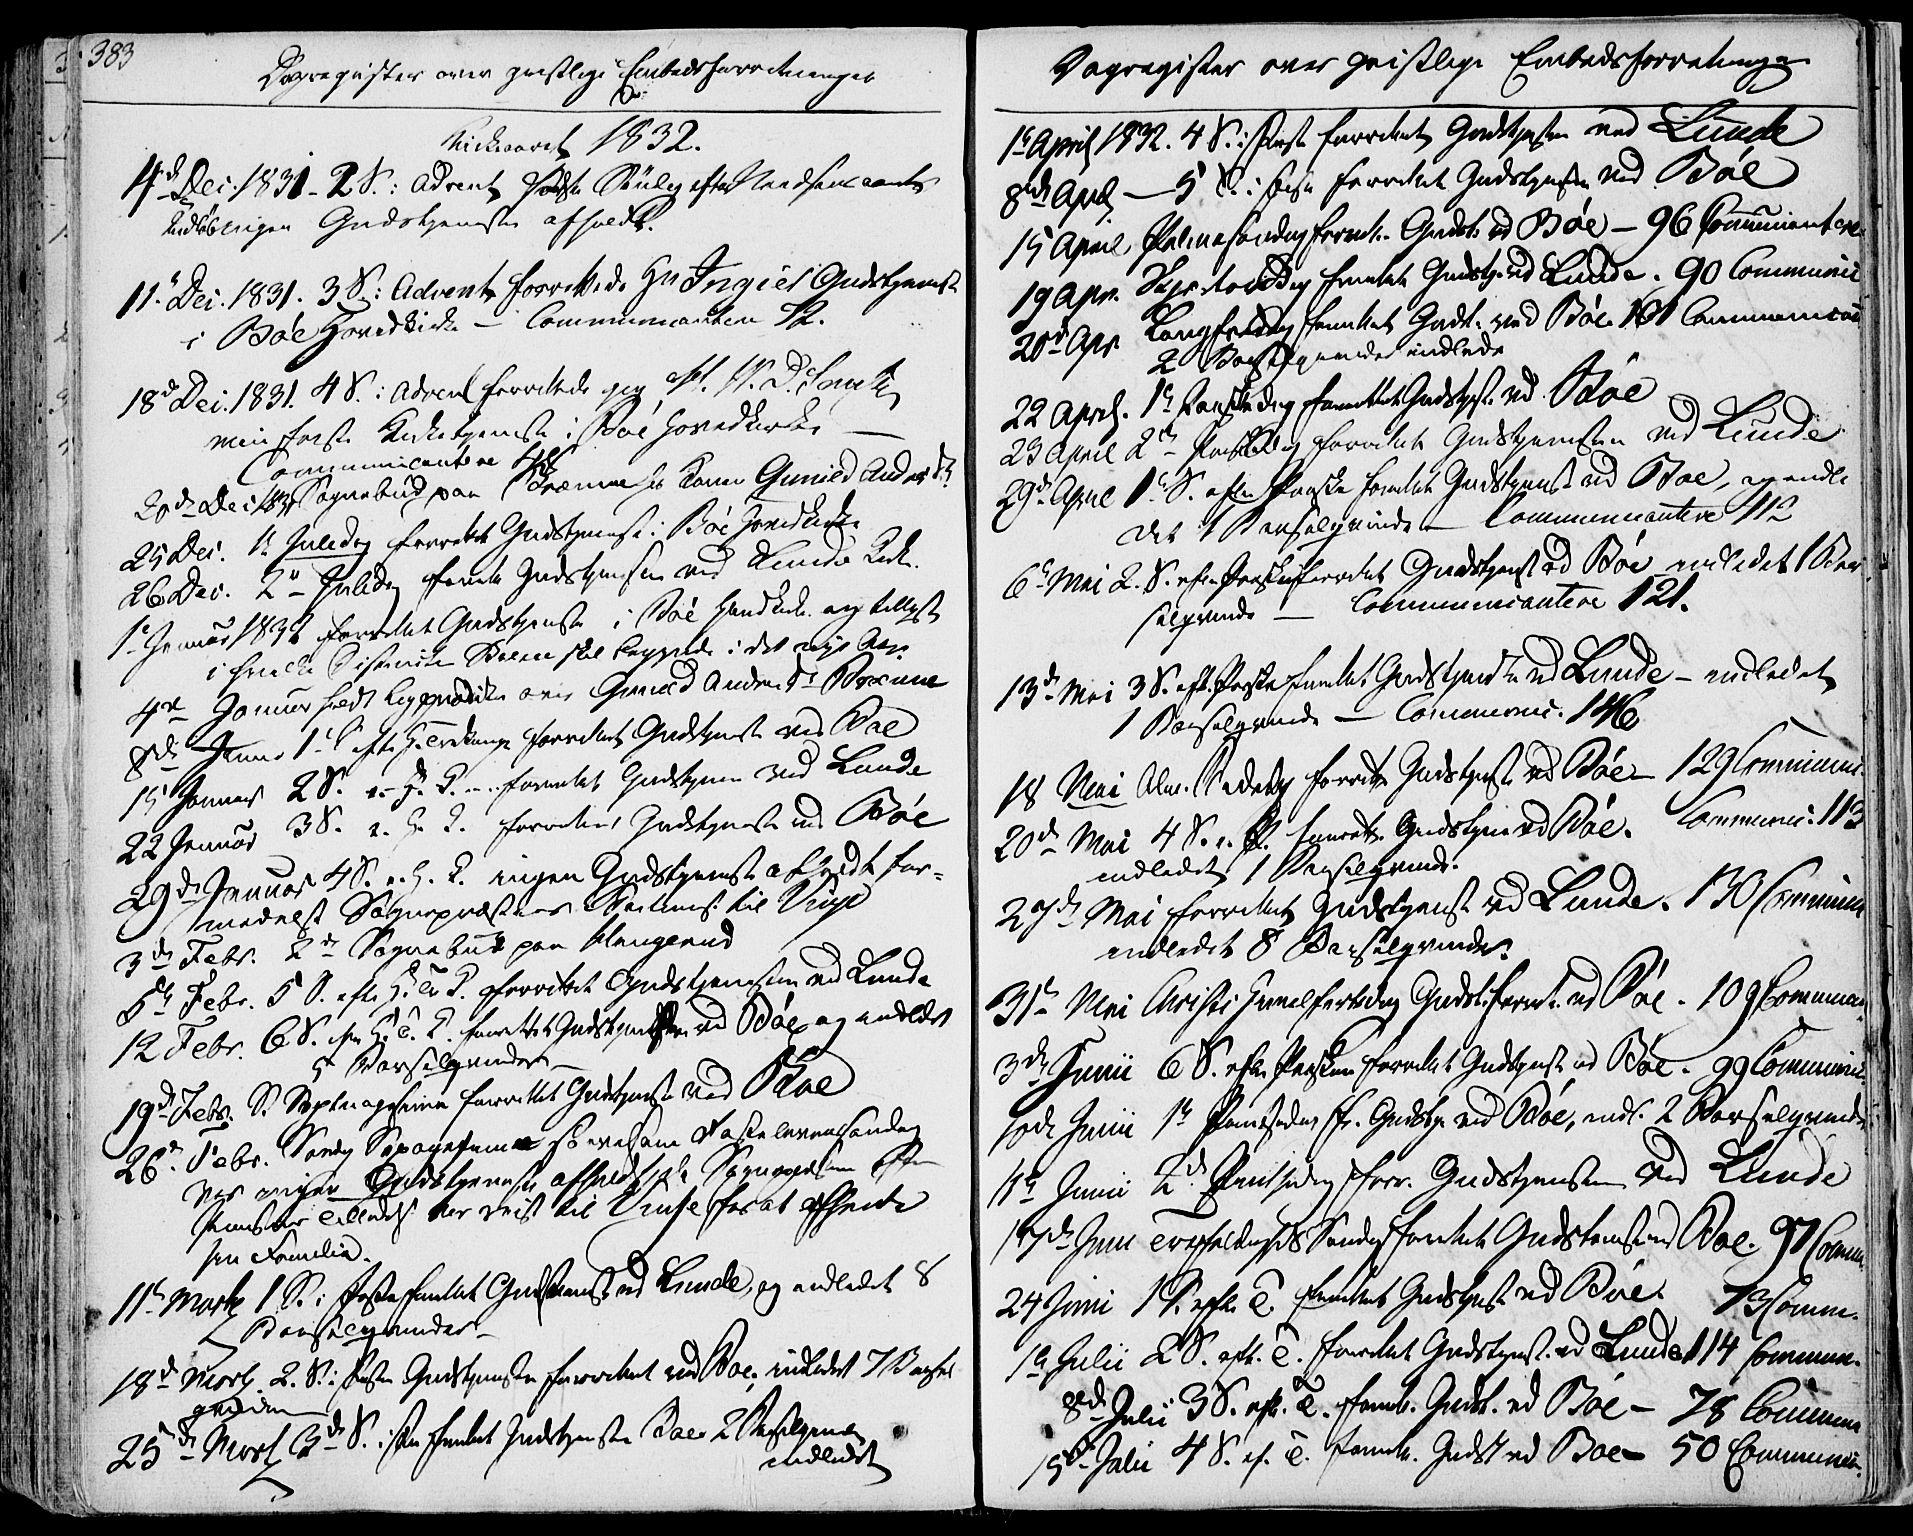 SAKO, Bø kirkebøker, F/Fa/L0007: Ministerialbok nr. 7, 1831-1848, s. 383